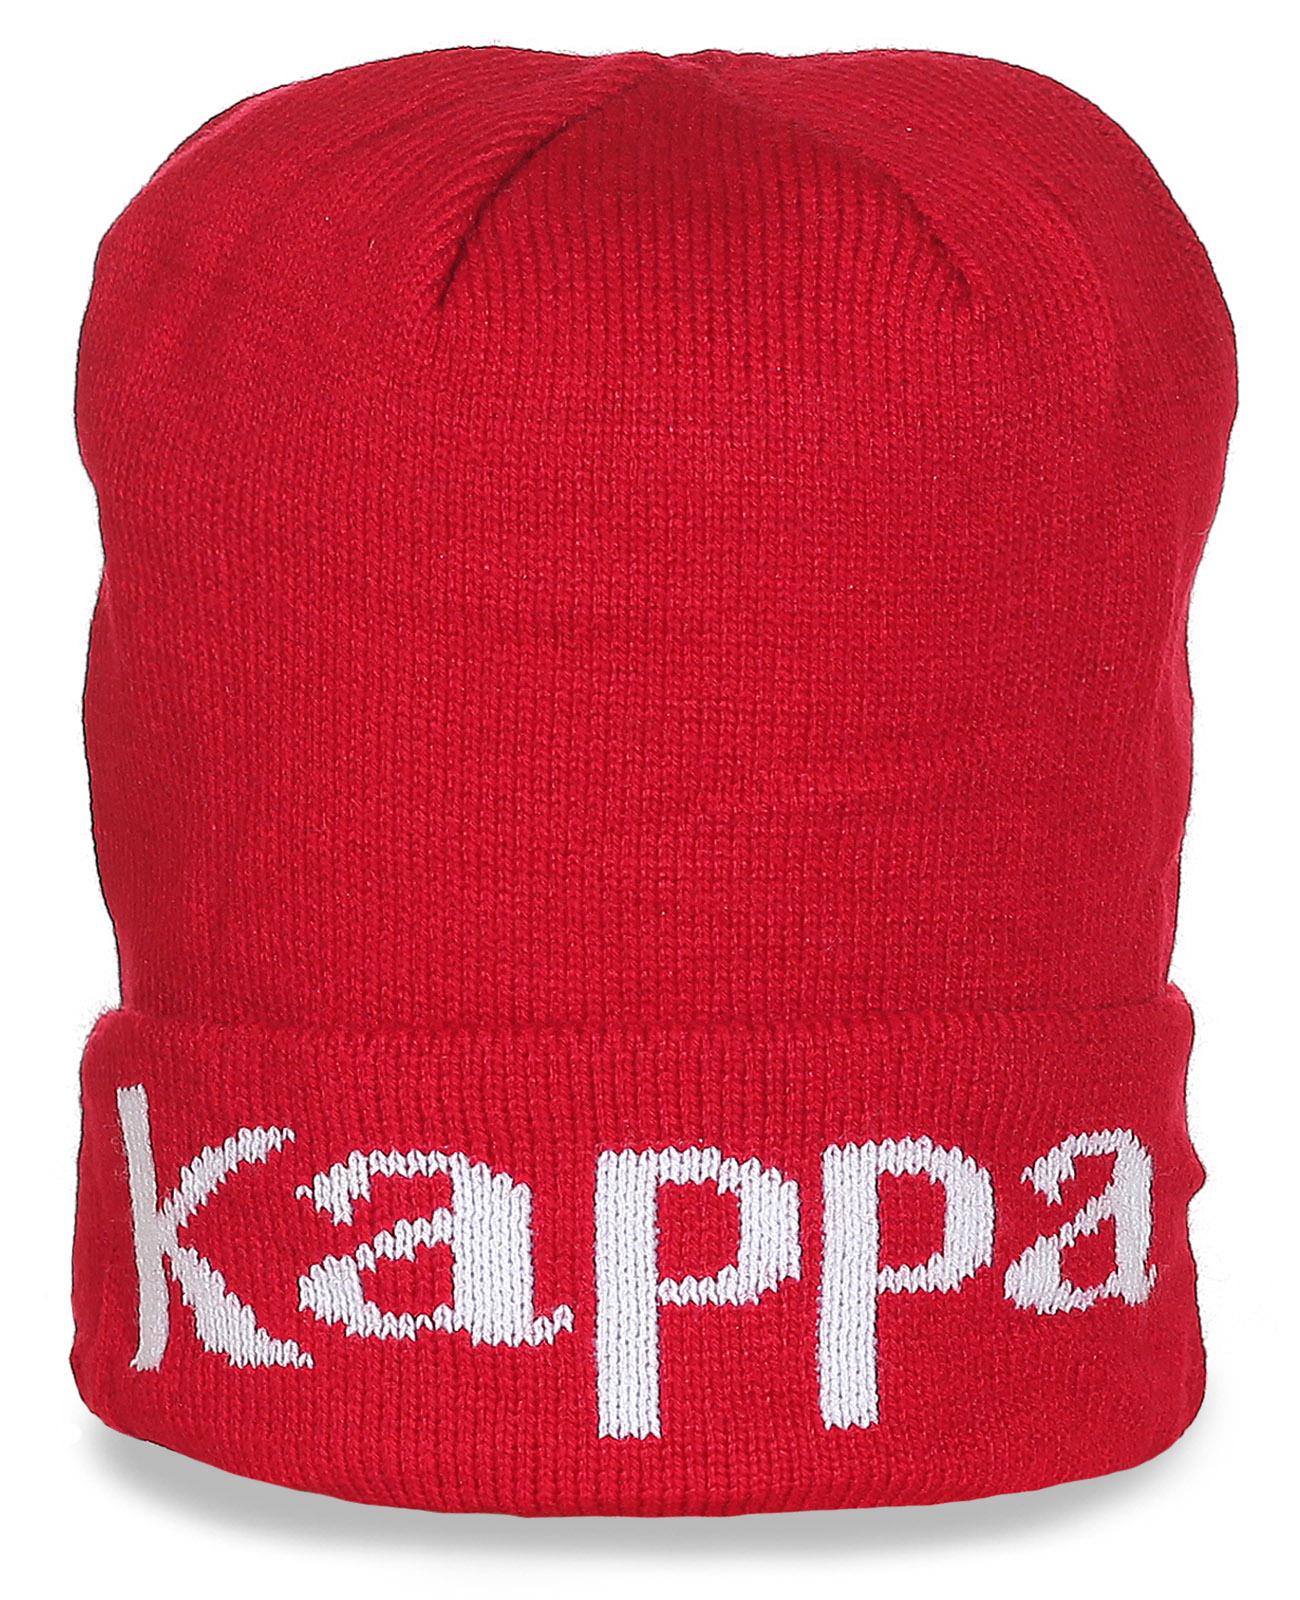 Красная шапка с надписью